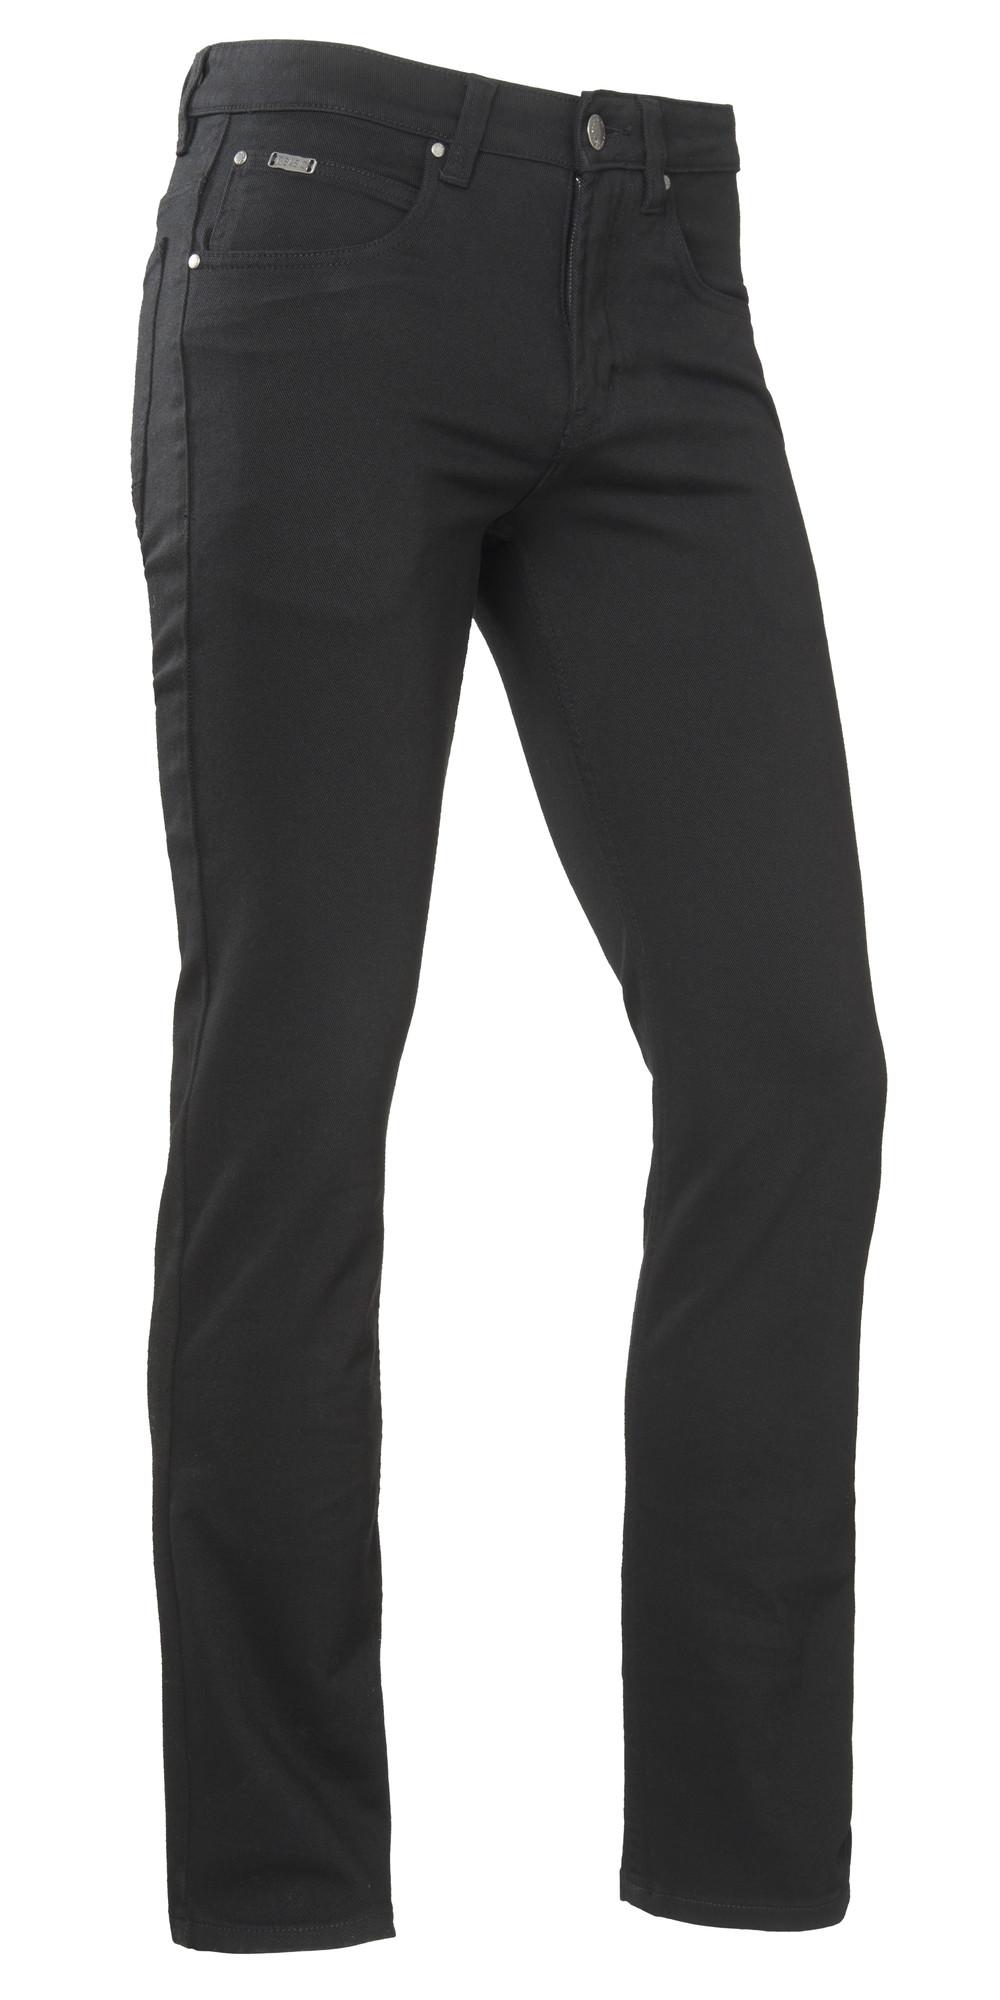 Brams Paris Danny Jeans Stretch (D51 Black Twill) W31-L30